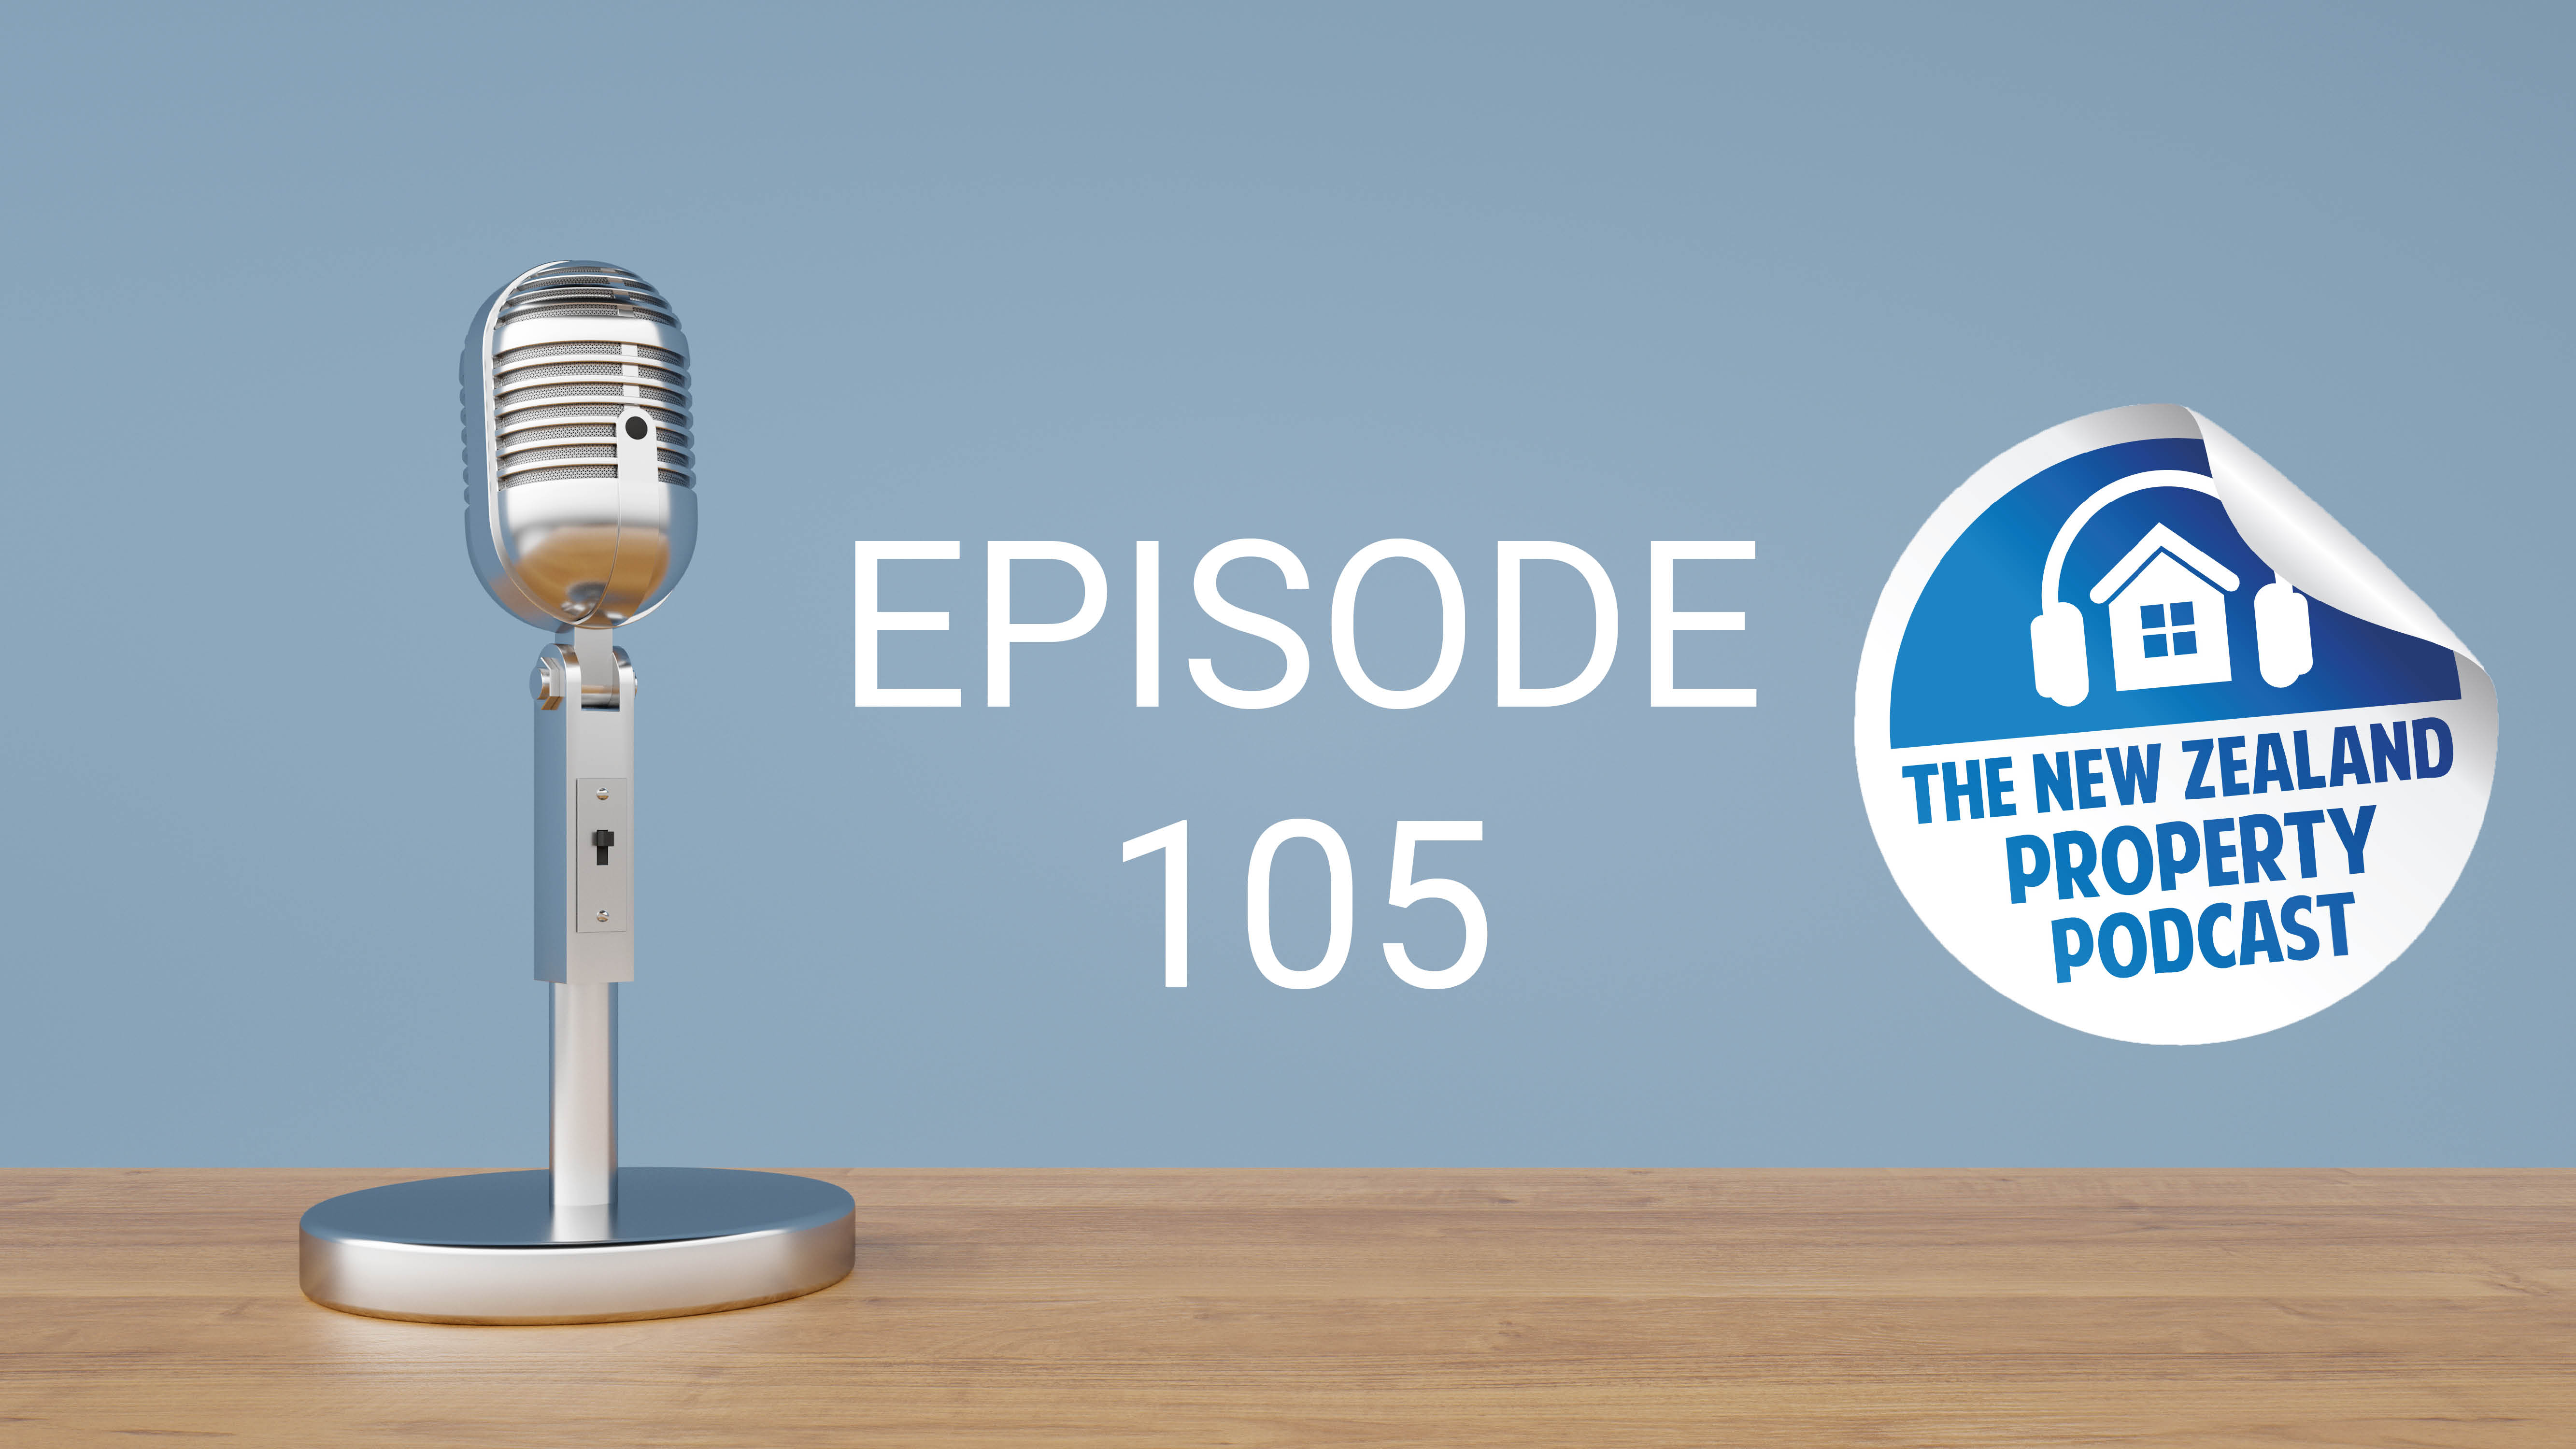 New Zealand Property Podcast Episode 105